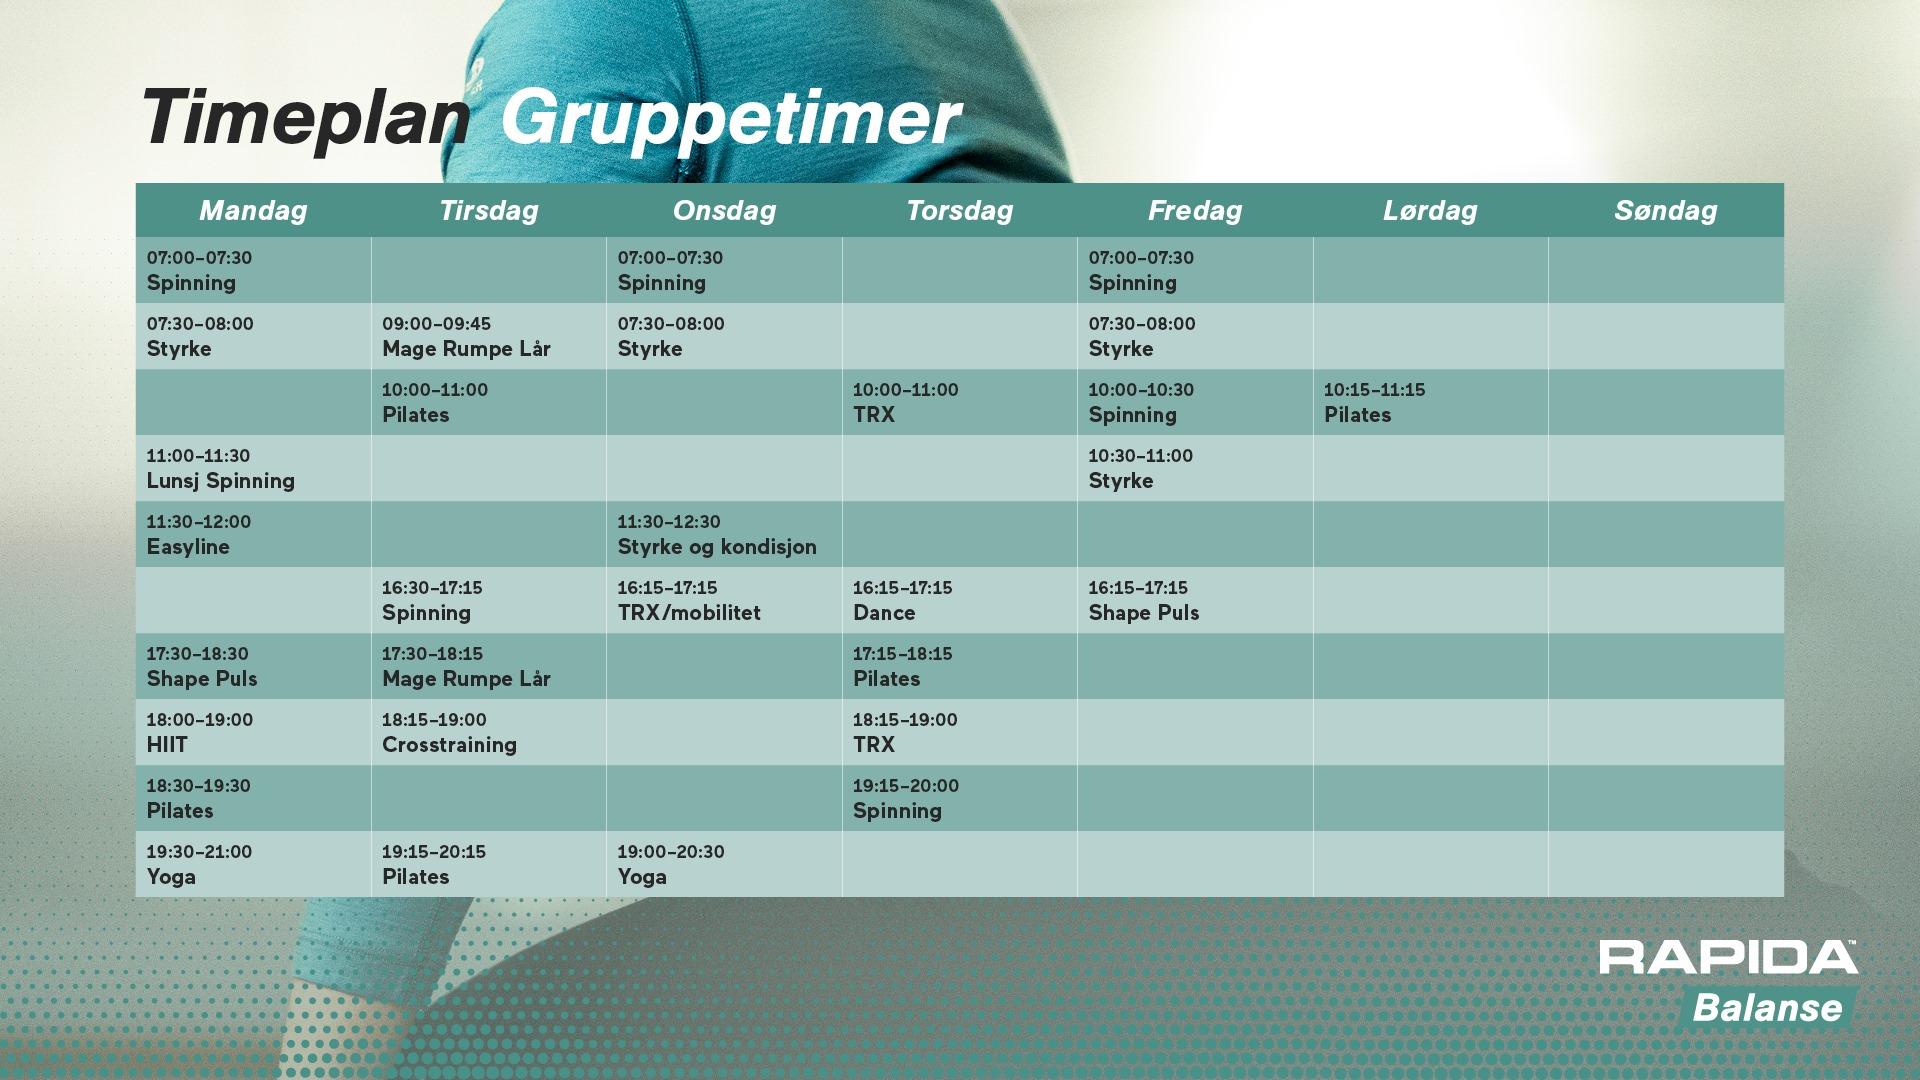 timeplan.jpg